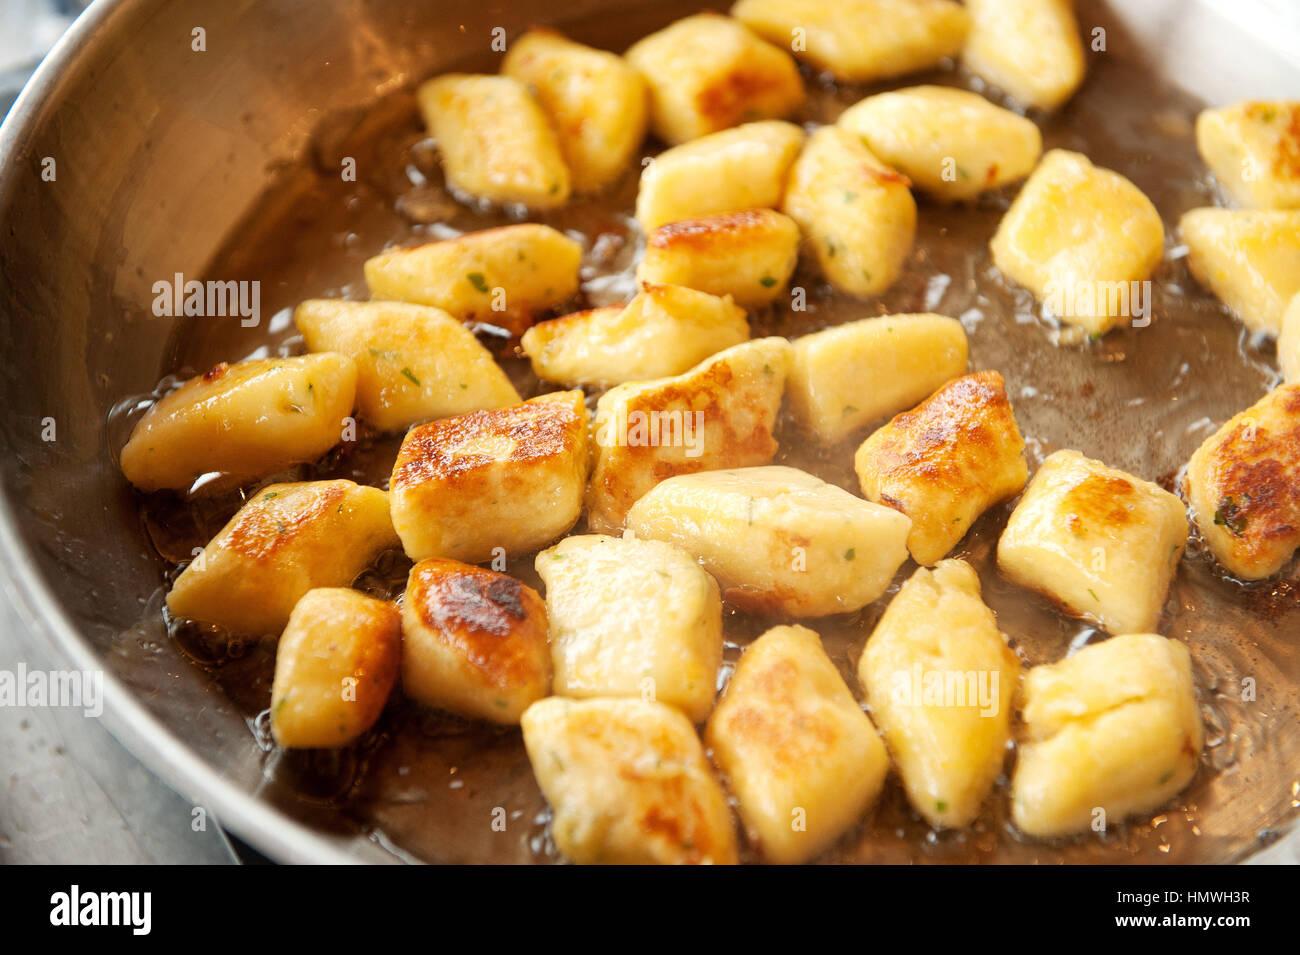 Gnocchi boulettes frire dans la graisse de canard dans une poêle à frire. Gnocchi sont différents Photo Stock